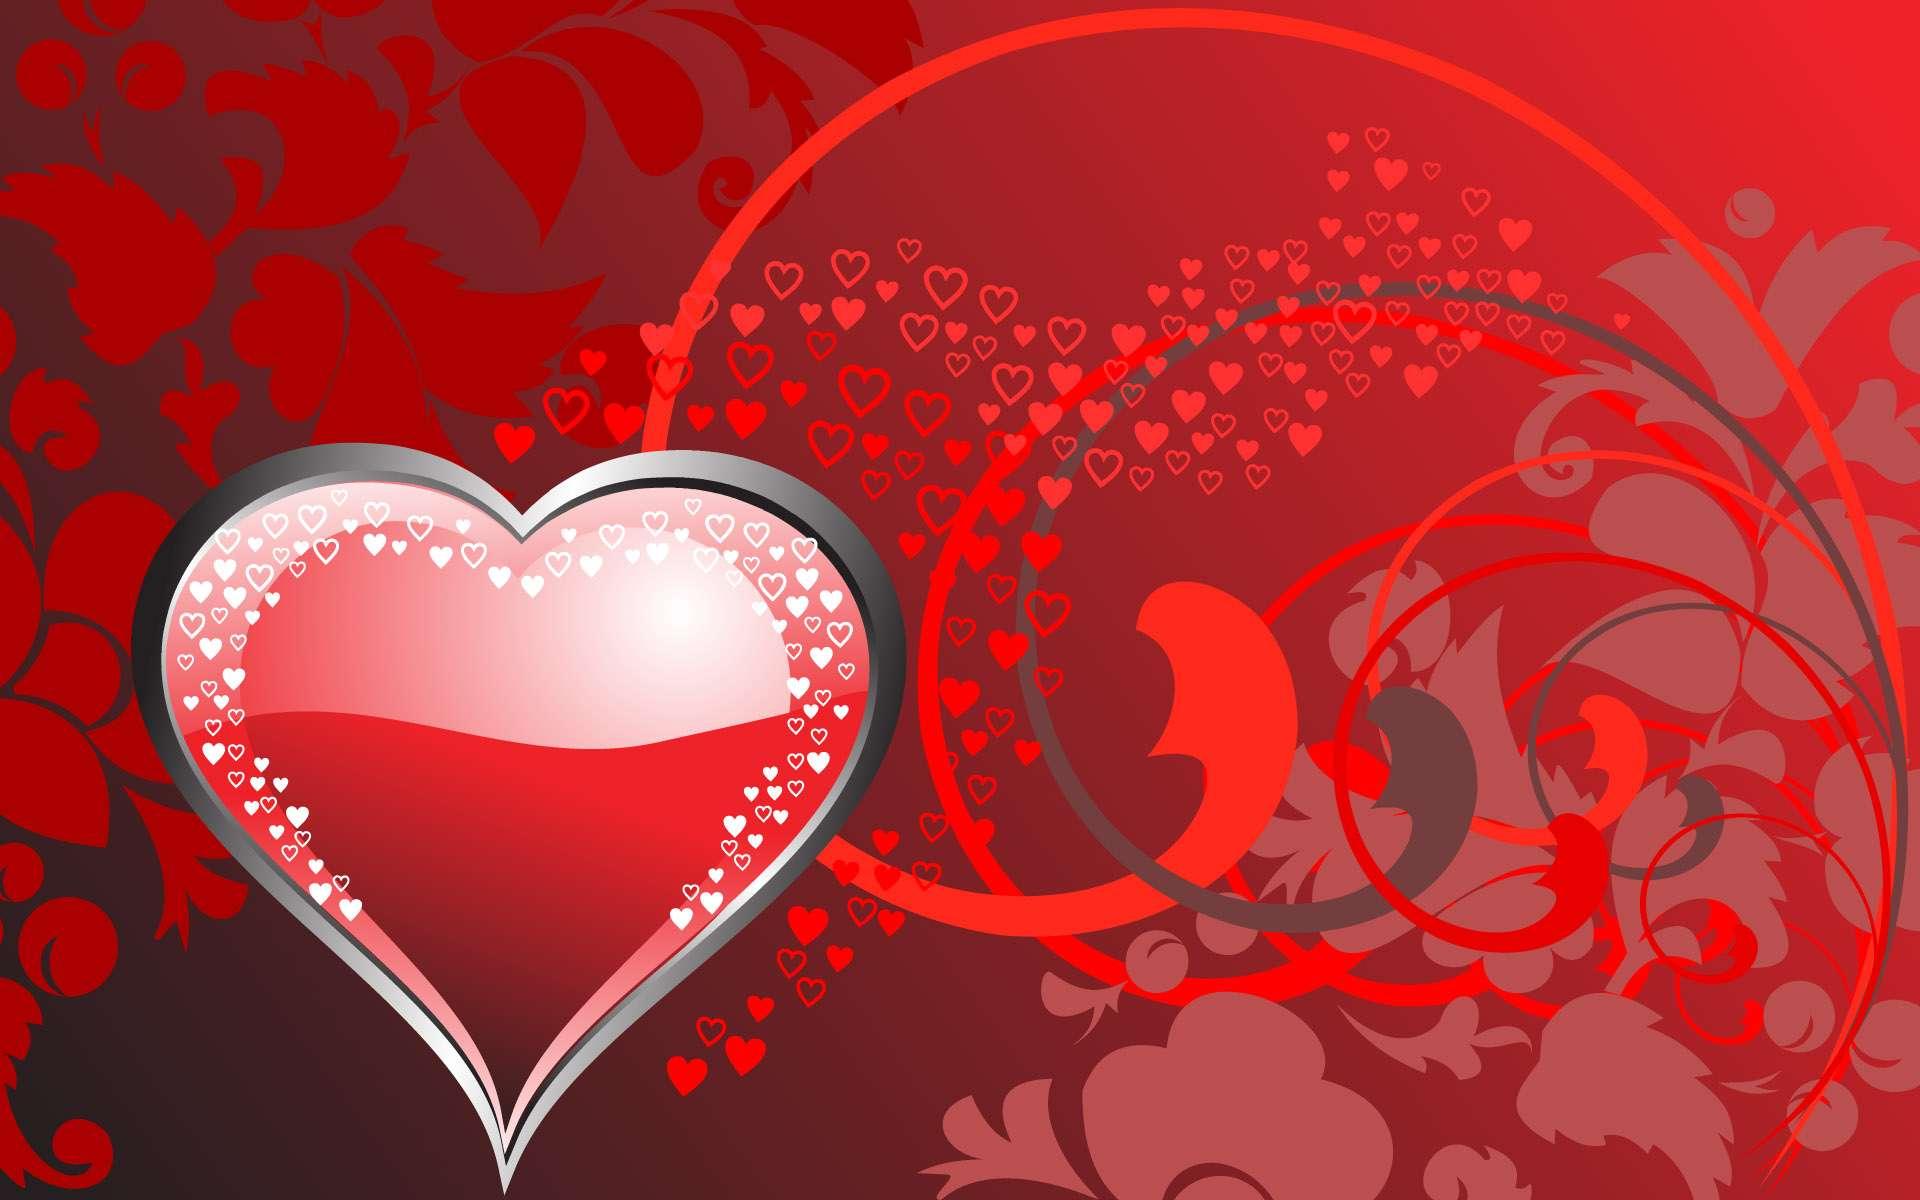 صوره متى عيد الحب , اهميه الحب ووقت عيد الحب